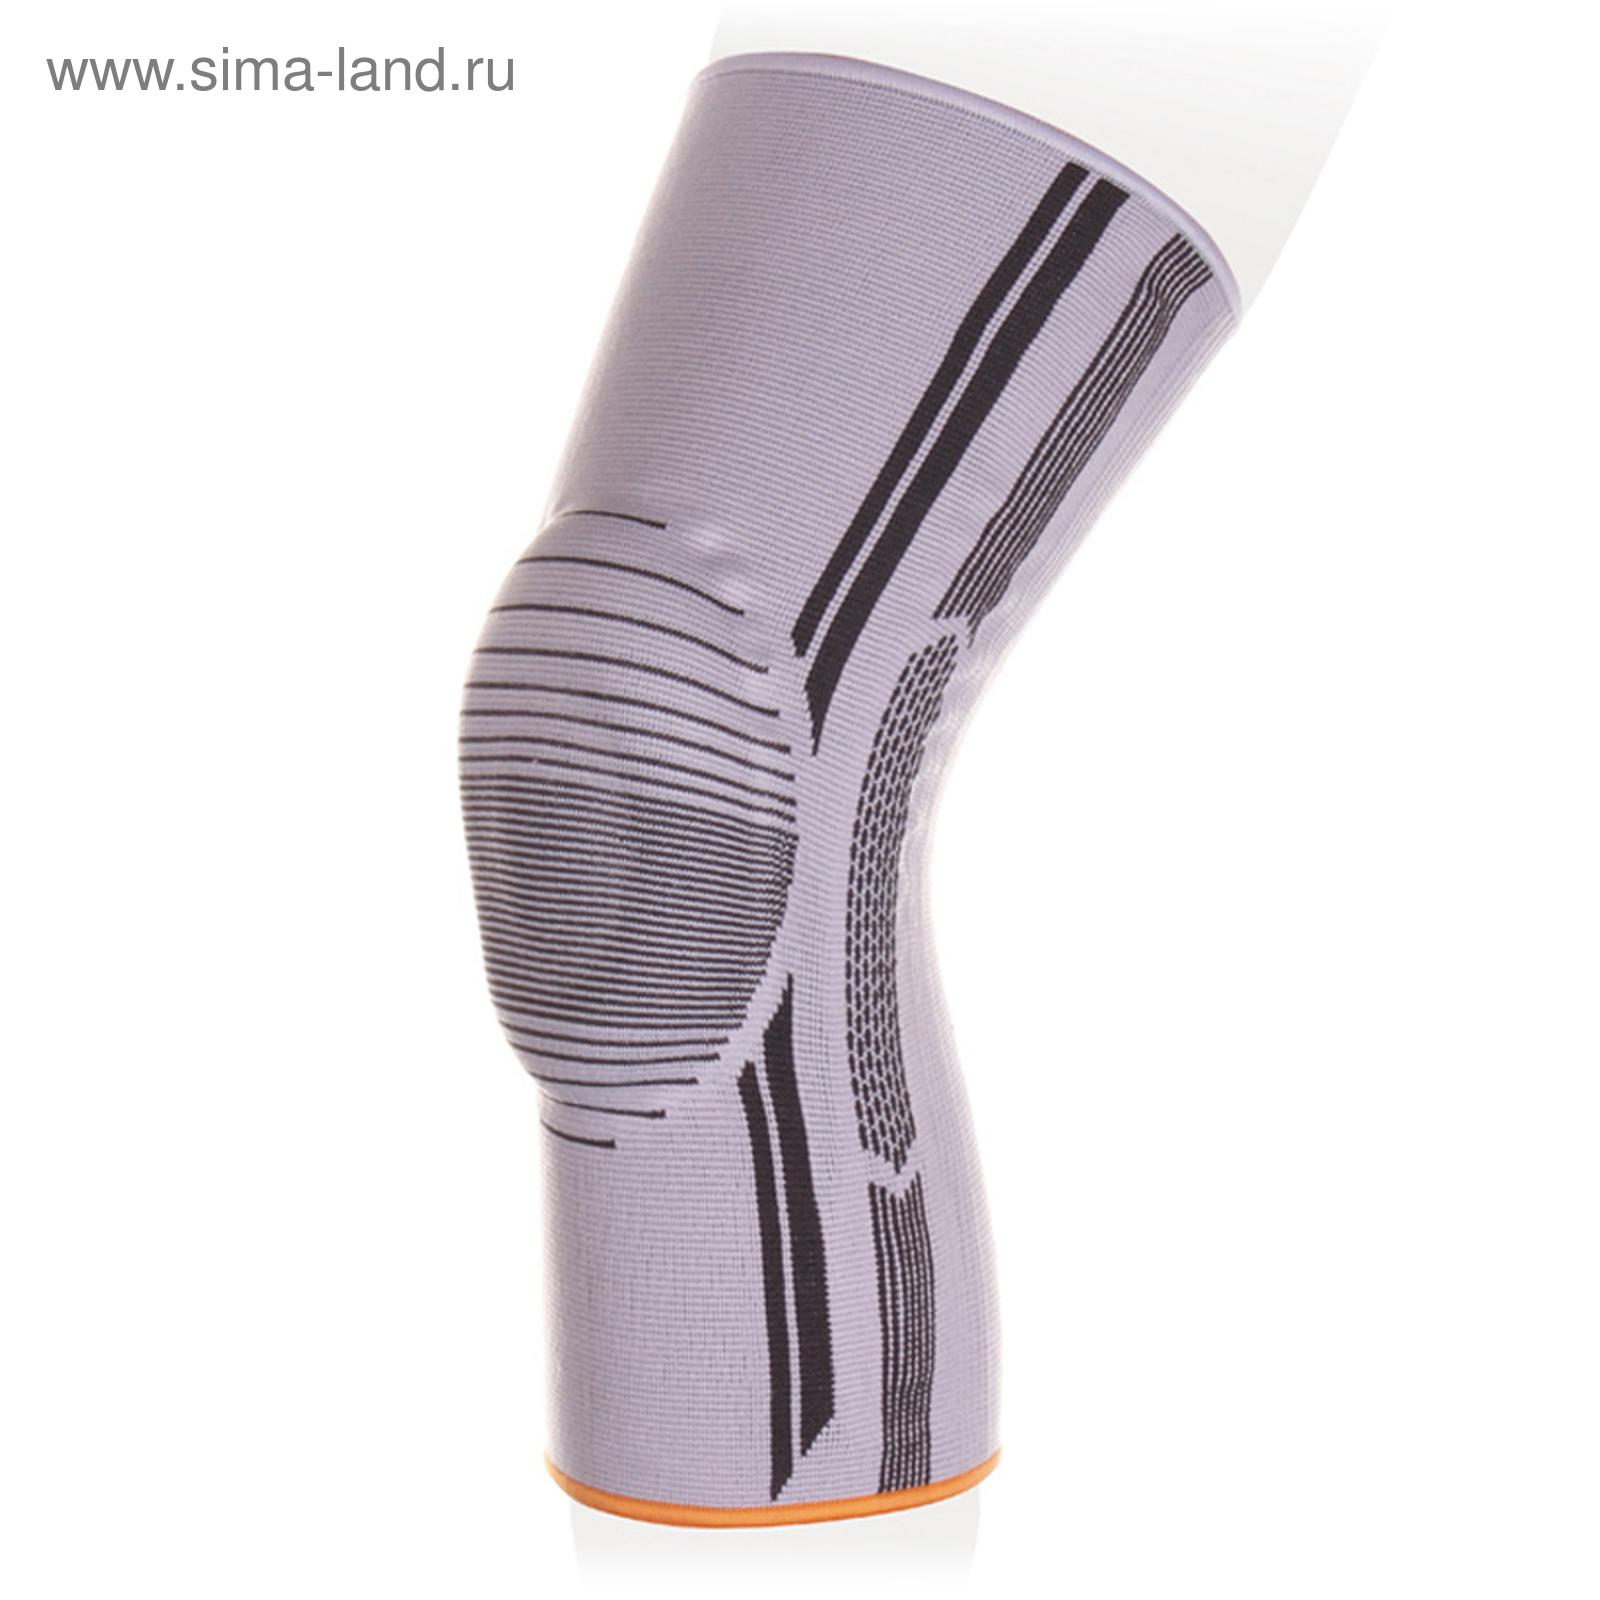 Бандаж на коленный сустав эластичный цена болит сустав после твердой пищи